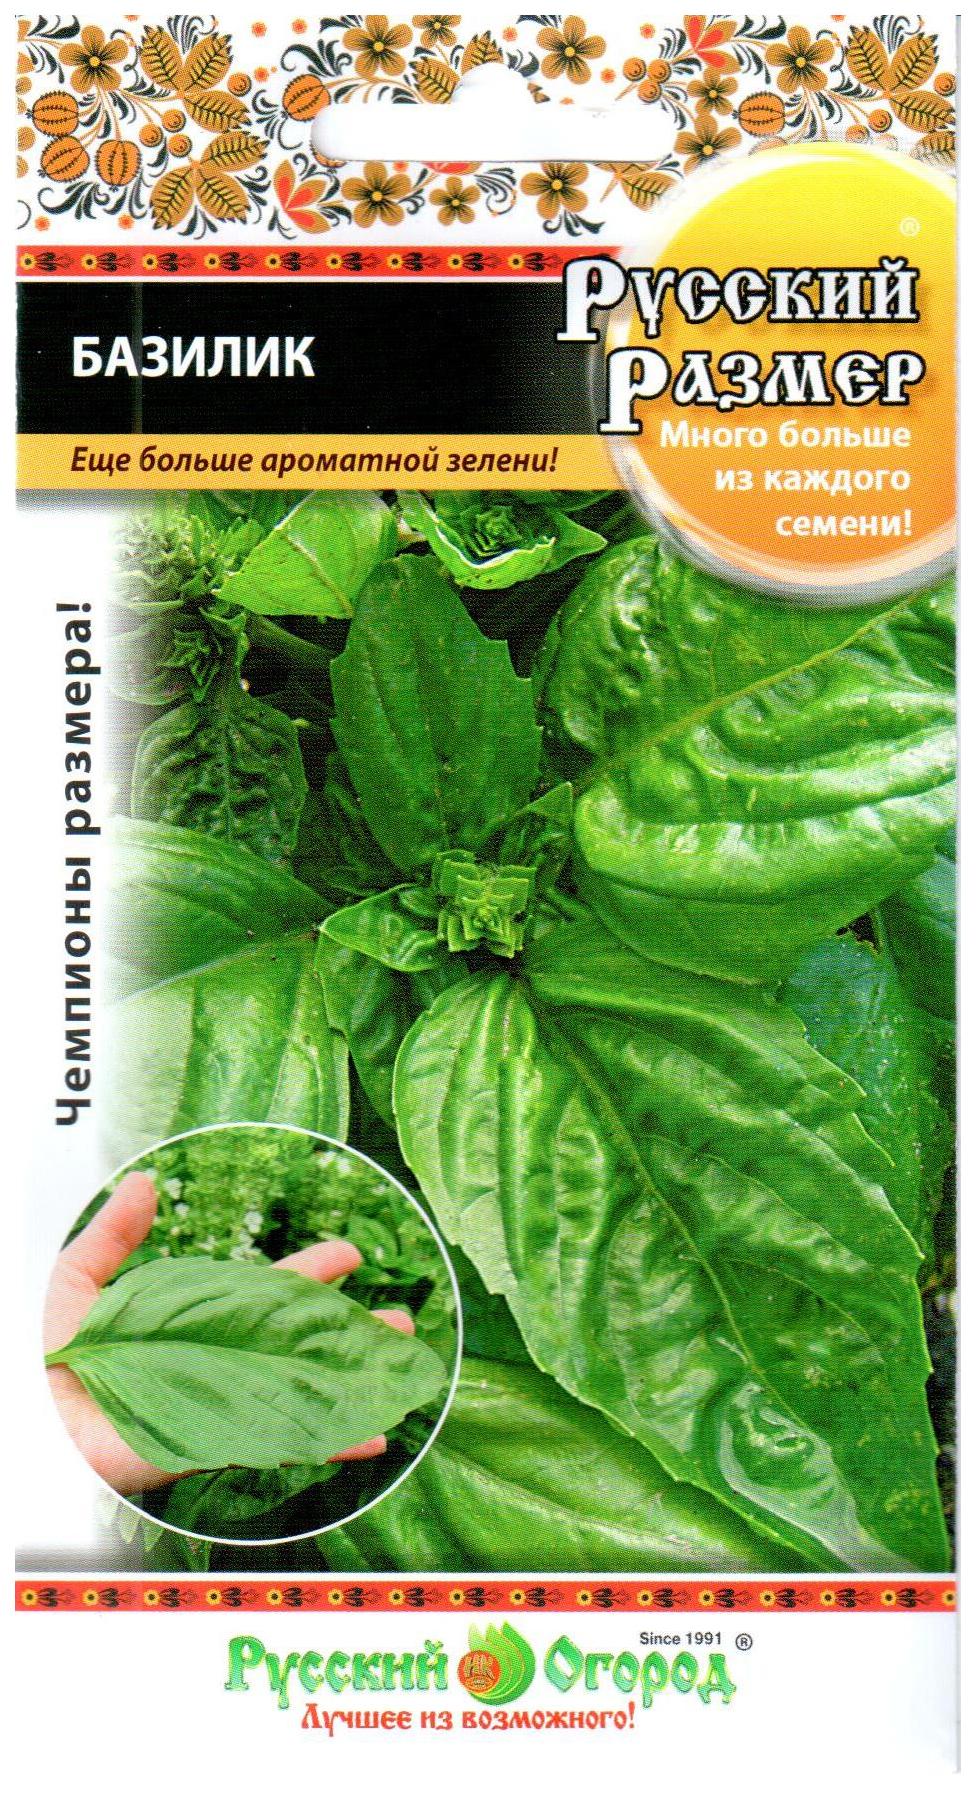 Семена Базилик Русский размер, 0,2 г Русский огород фото